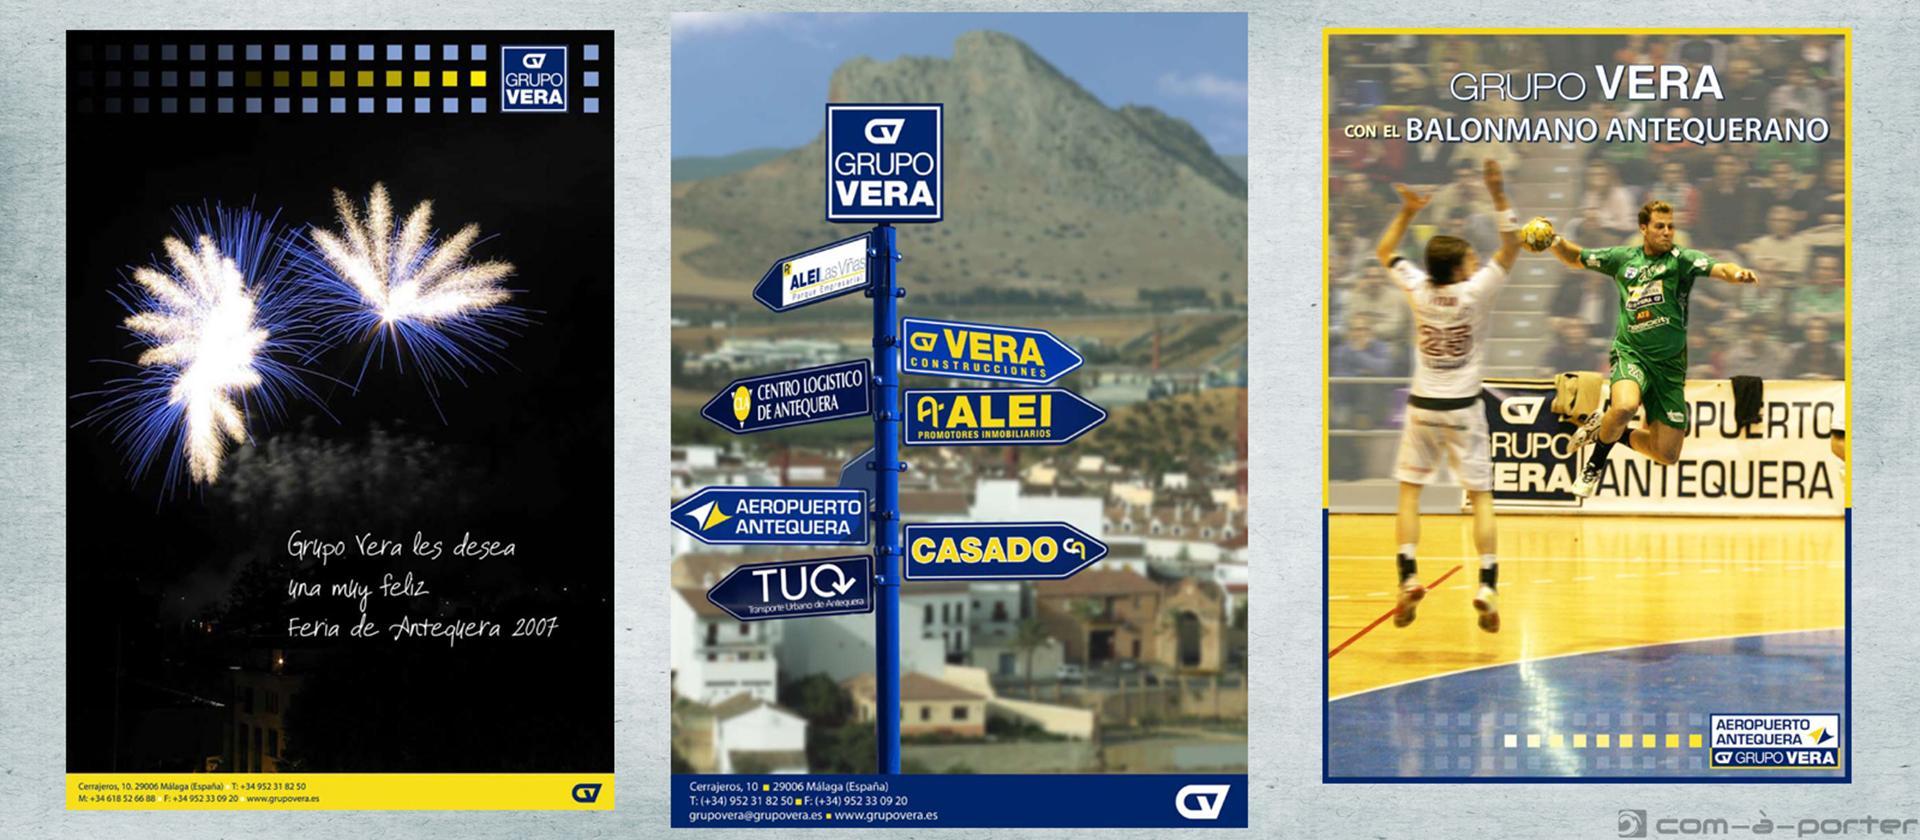 Páginas completas de Publicidad de Grupo Vera (especial Antequera)